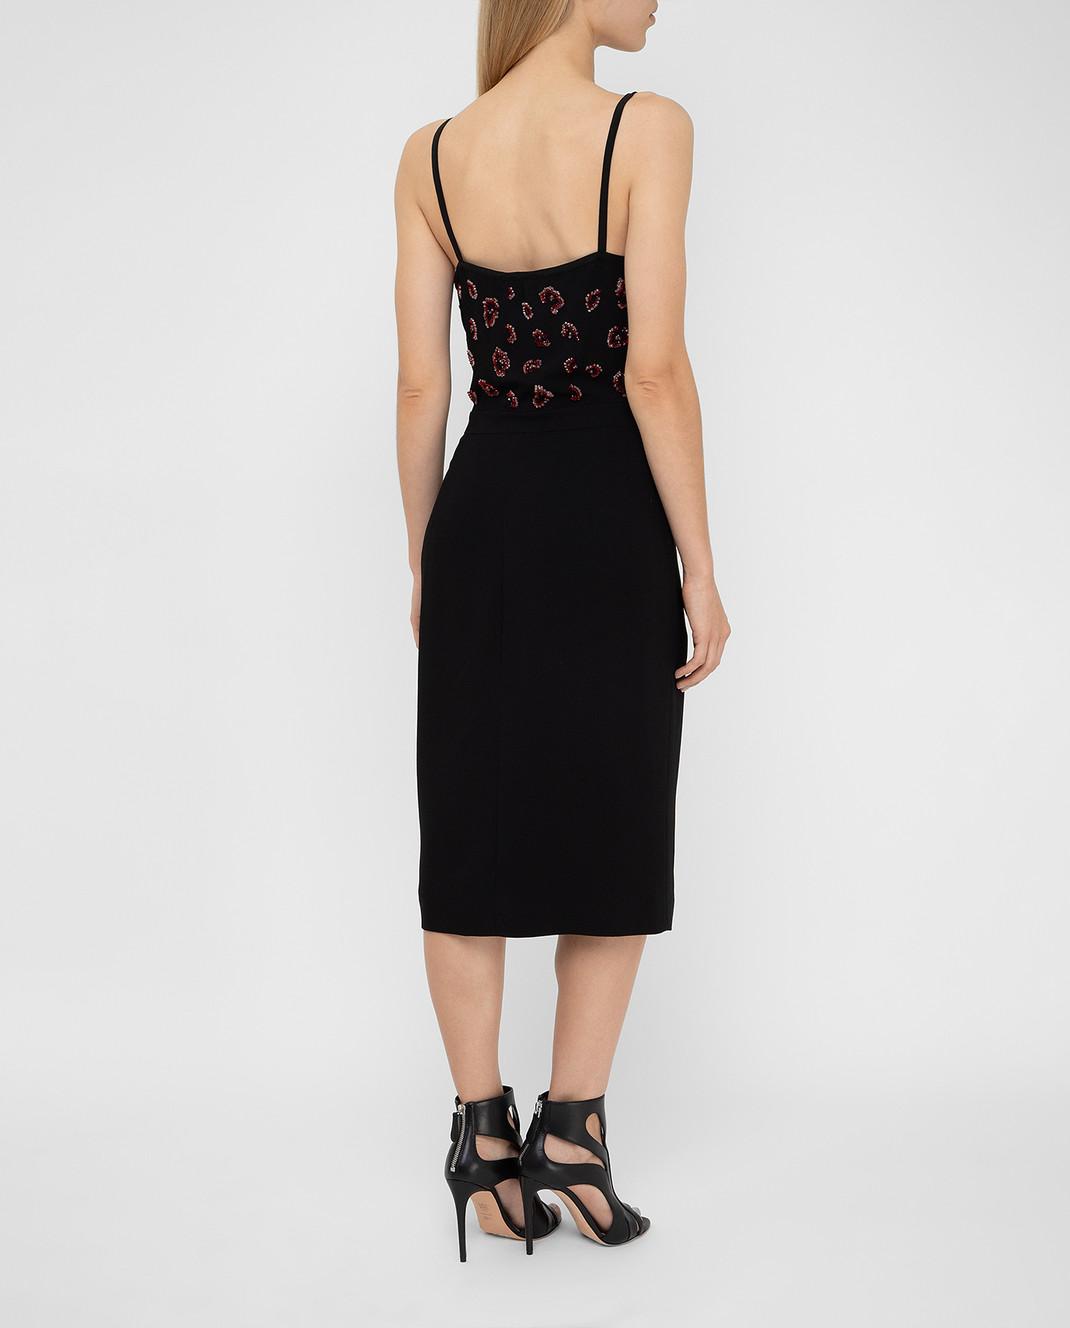 Altuzarra Черное платье изображение 4